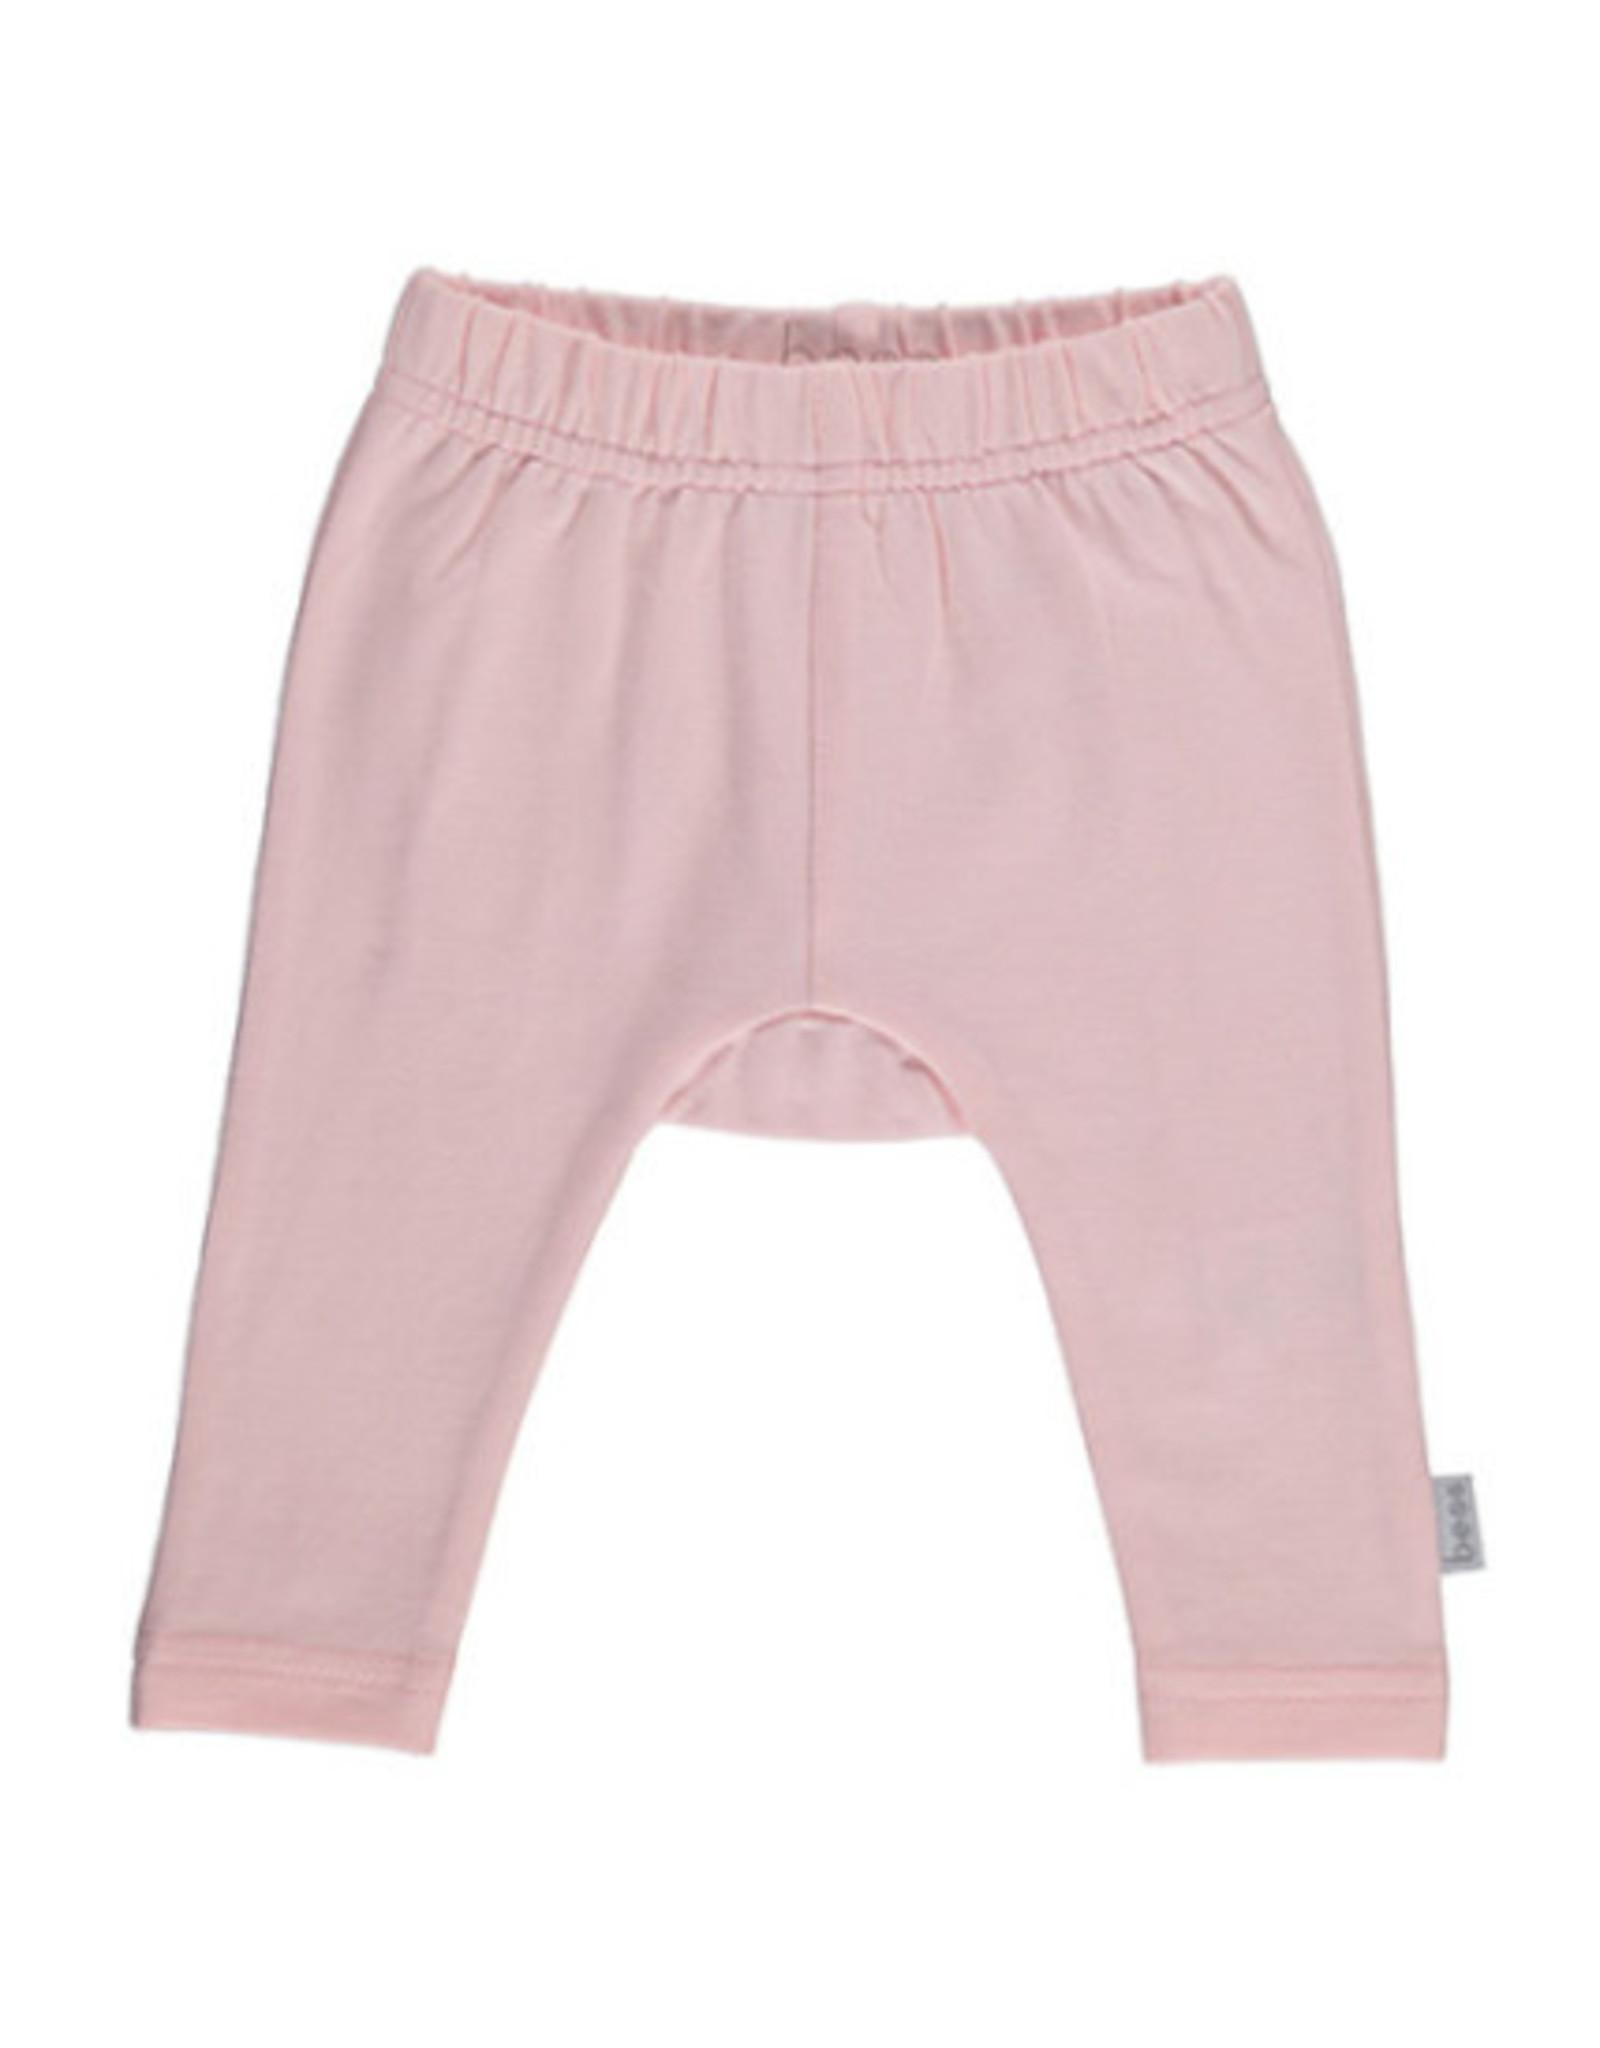 BESS Bess legging 007 pink